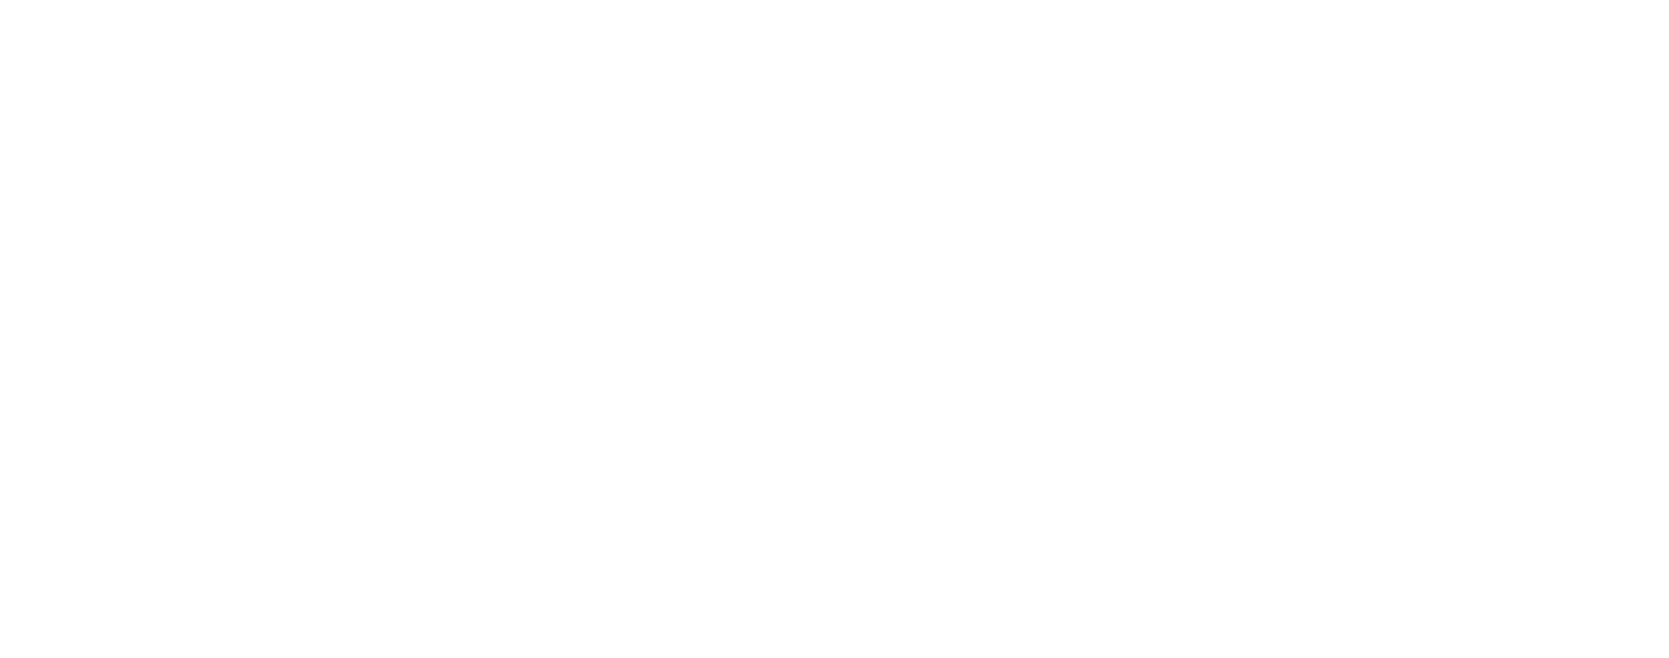 Startupyard logo